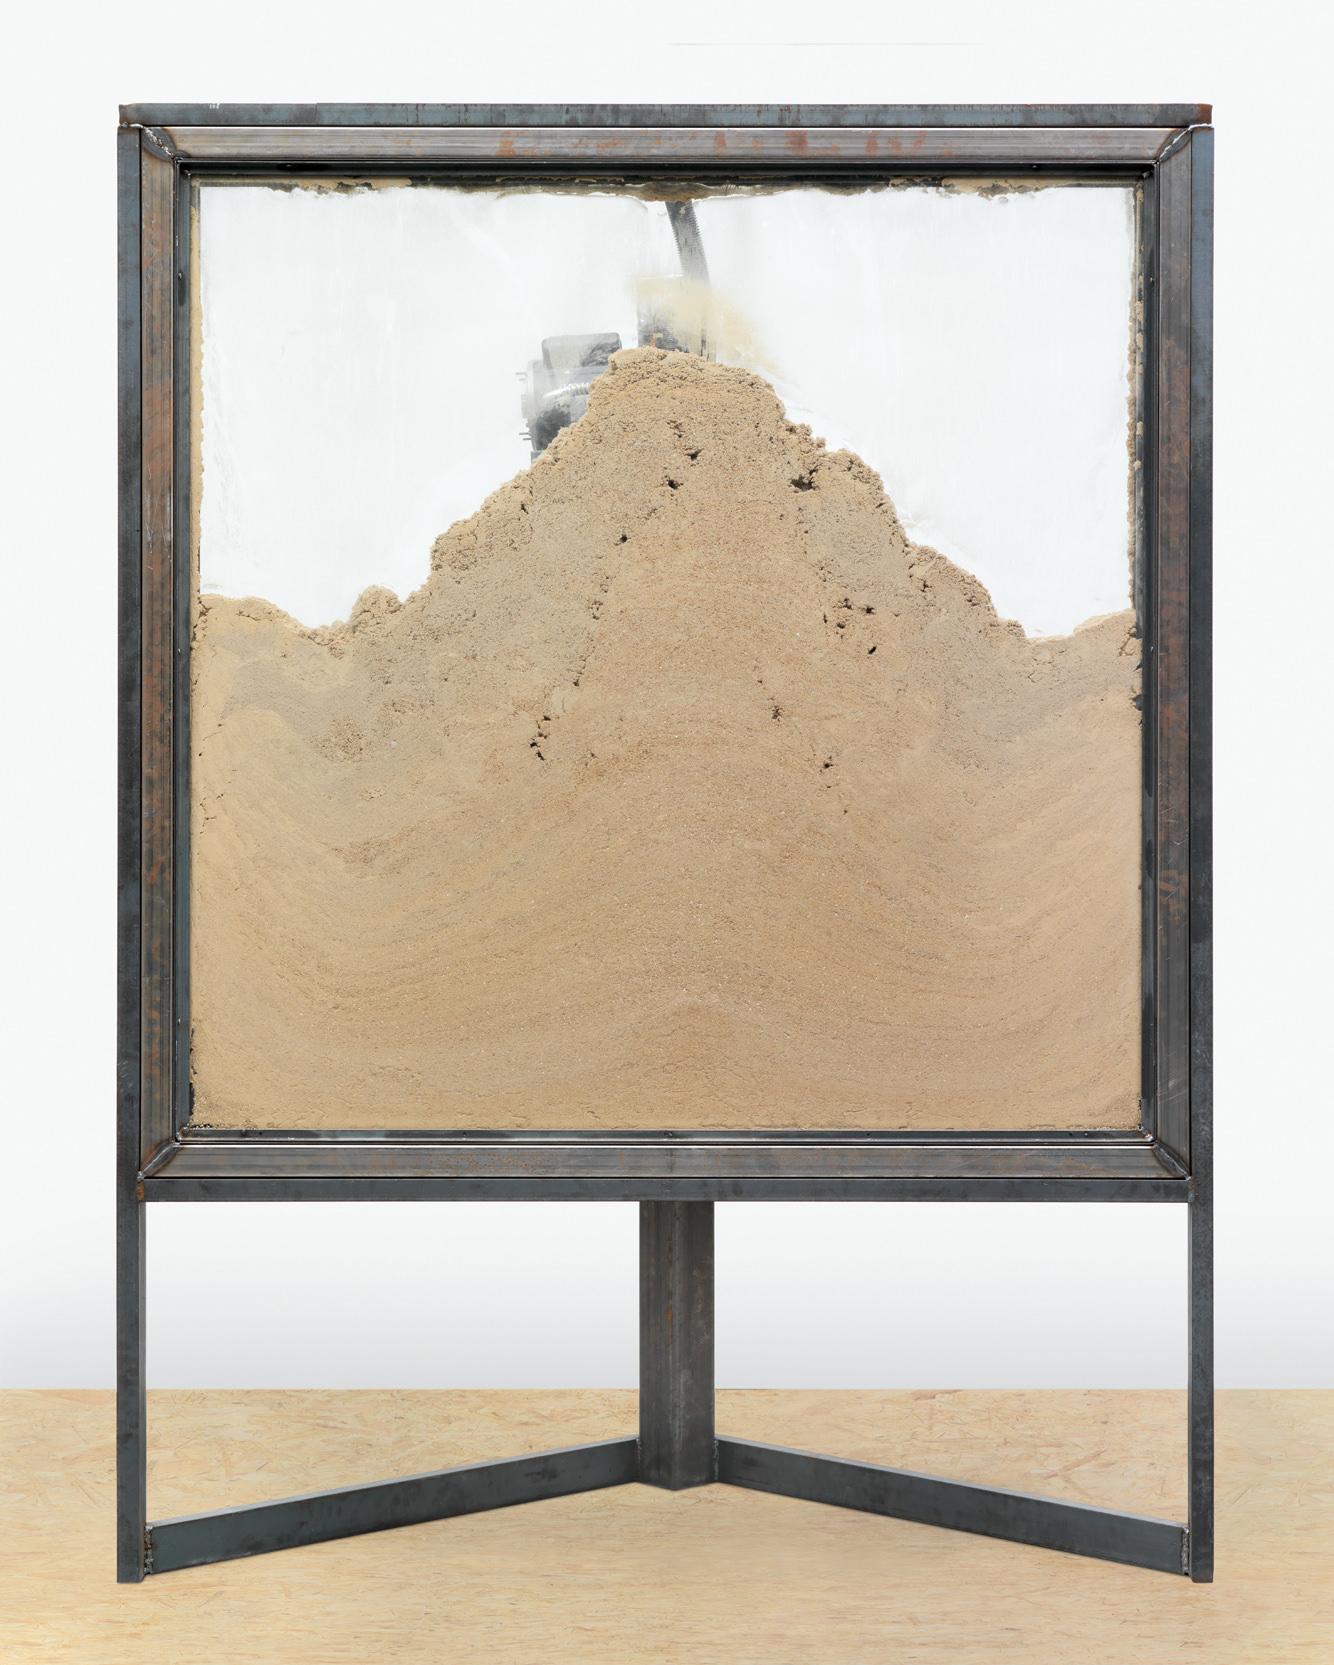 Courtesy Oscar Tuazon et Galerie Eva Presenhuber, Zurich Word Rain(2013), acier, acrylique, composants électriques, tambour, matériaux d'isolation etverre, 232 x 172,5 x 119 cm.